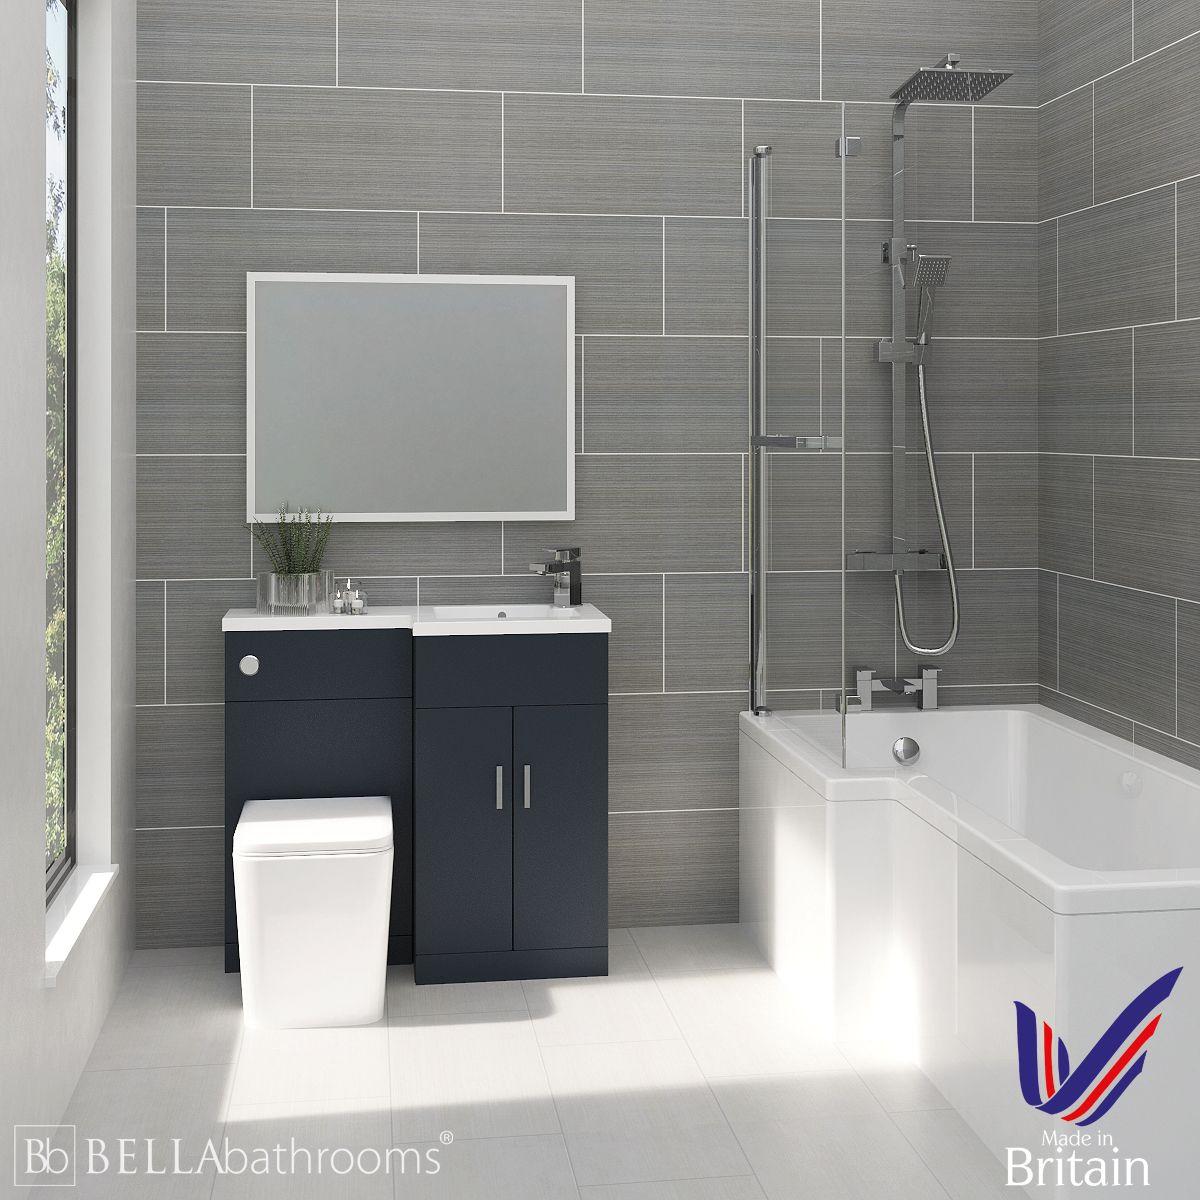 Elation Compact Combination L Shape Indigo Matt Furniture Suite with Left Hand L Shape Shower Bath